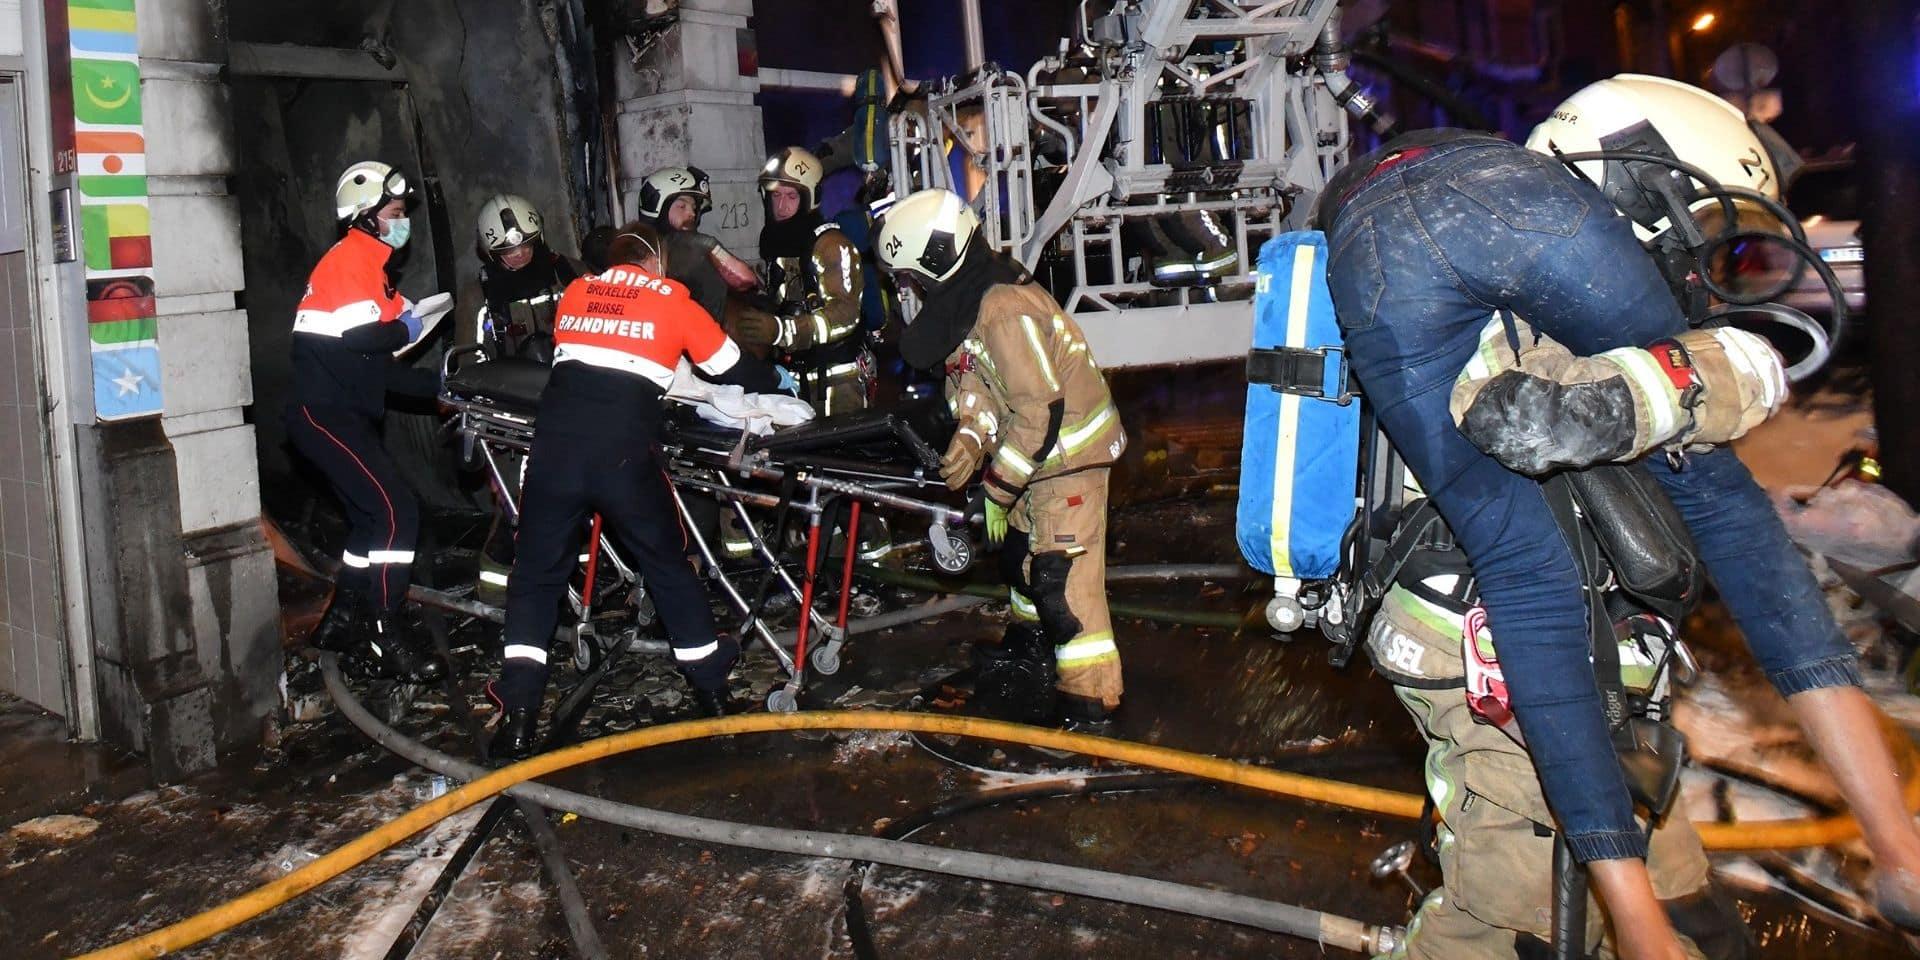 Incendie meurtrier à Anderlecht : Deux corps sans vie retrouvés dans les décombres